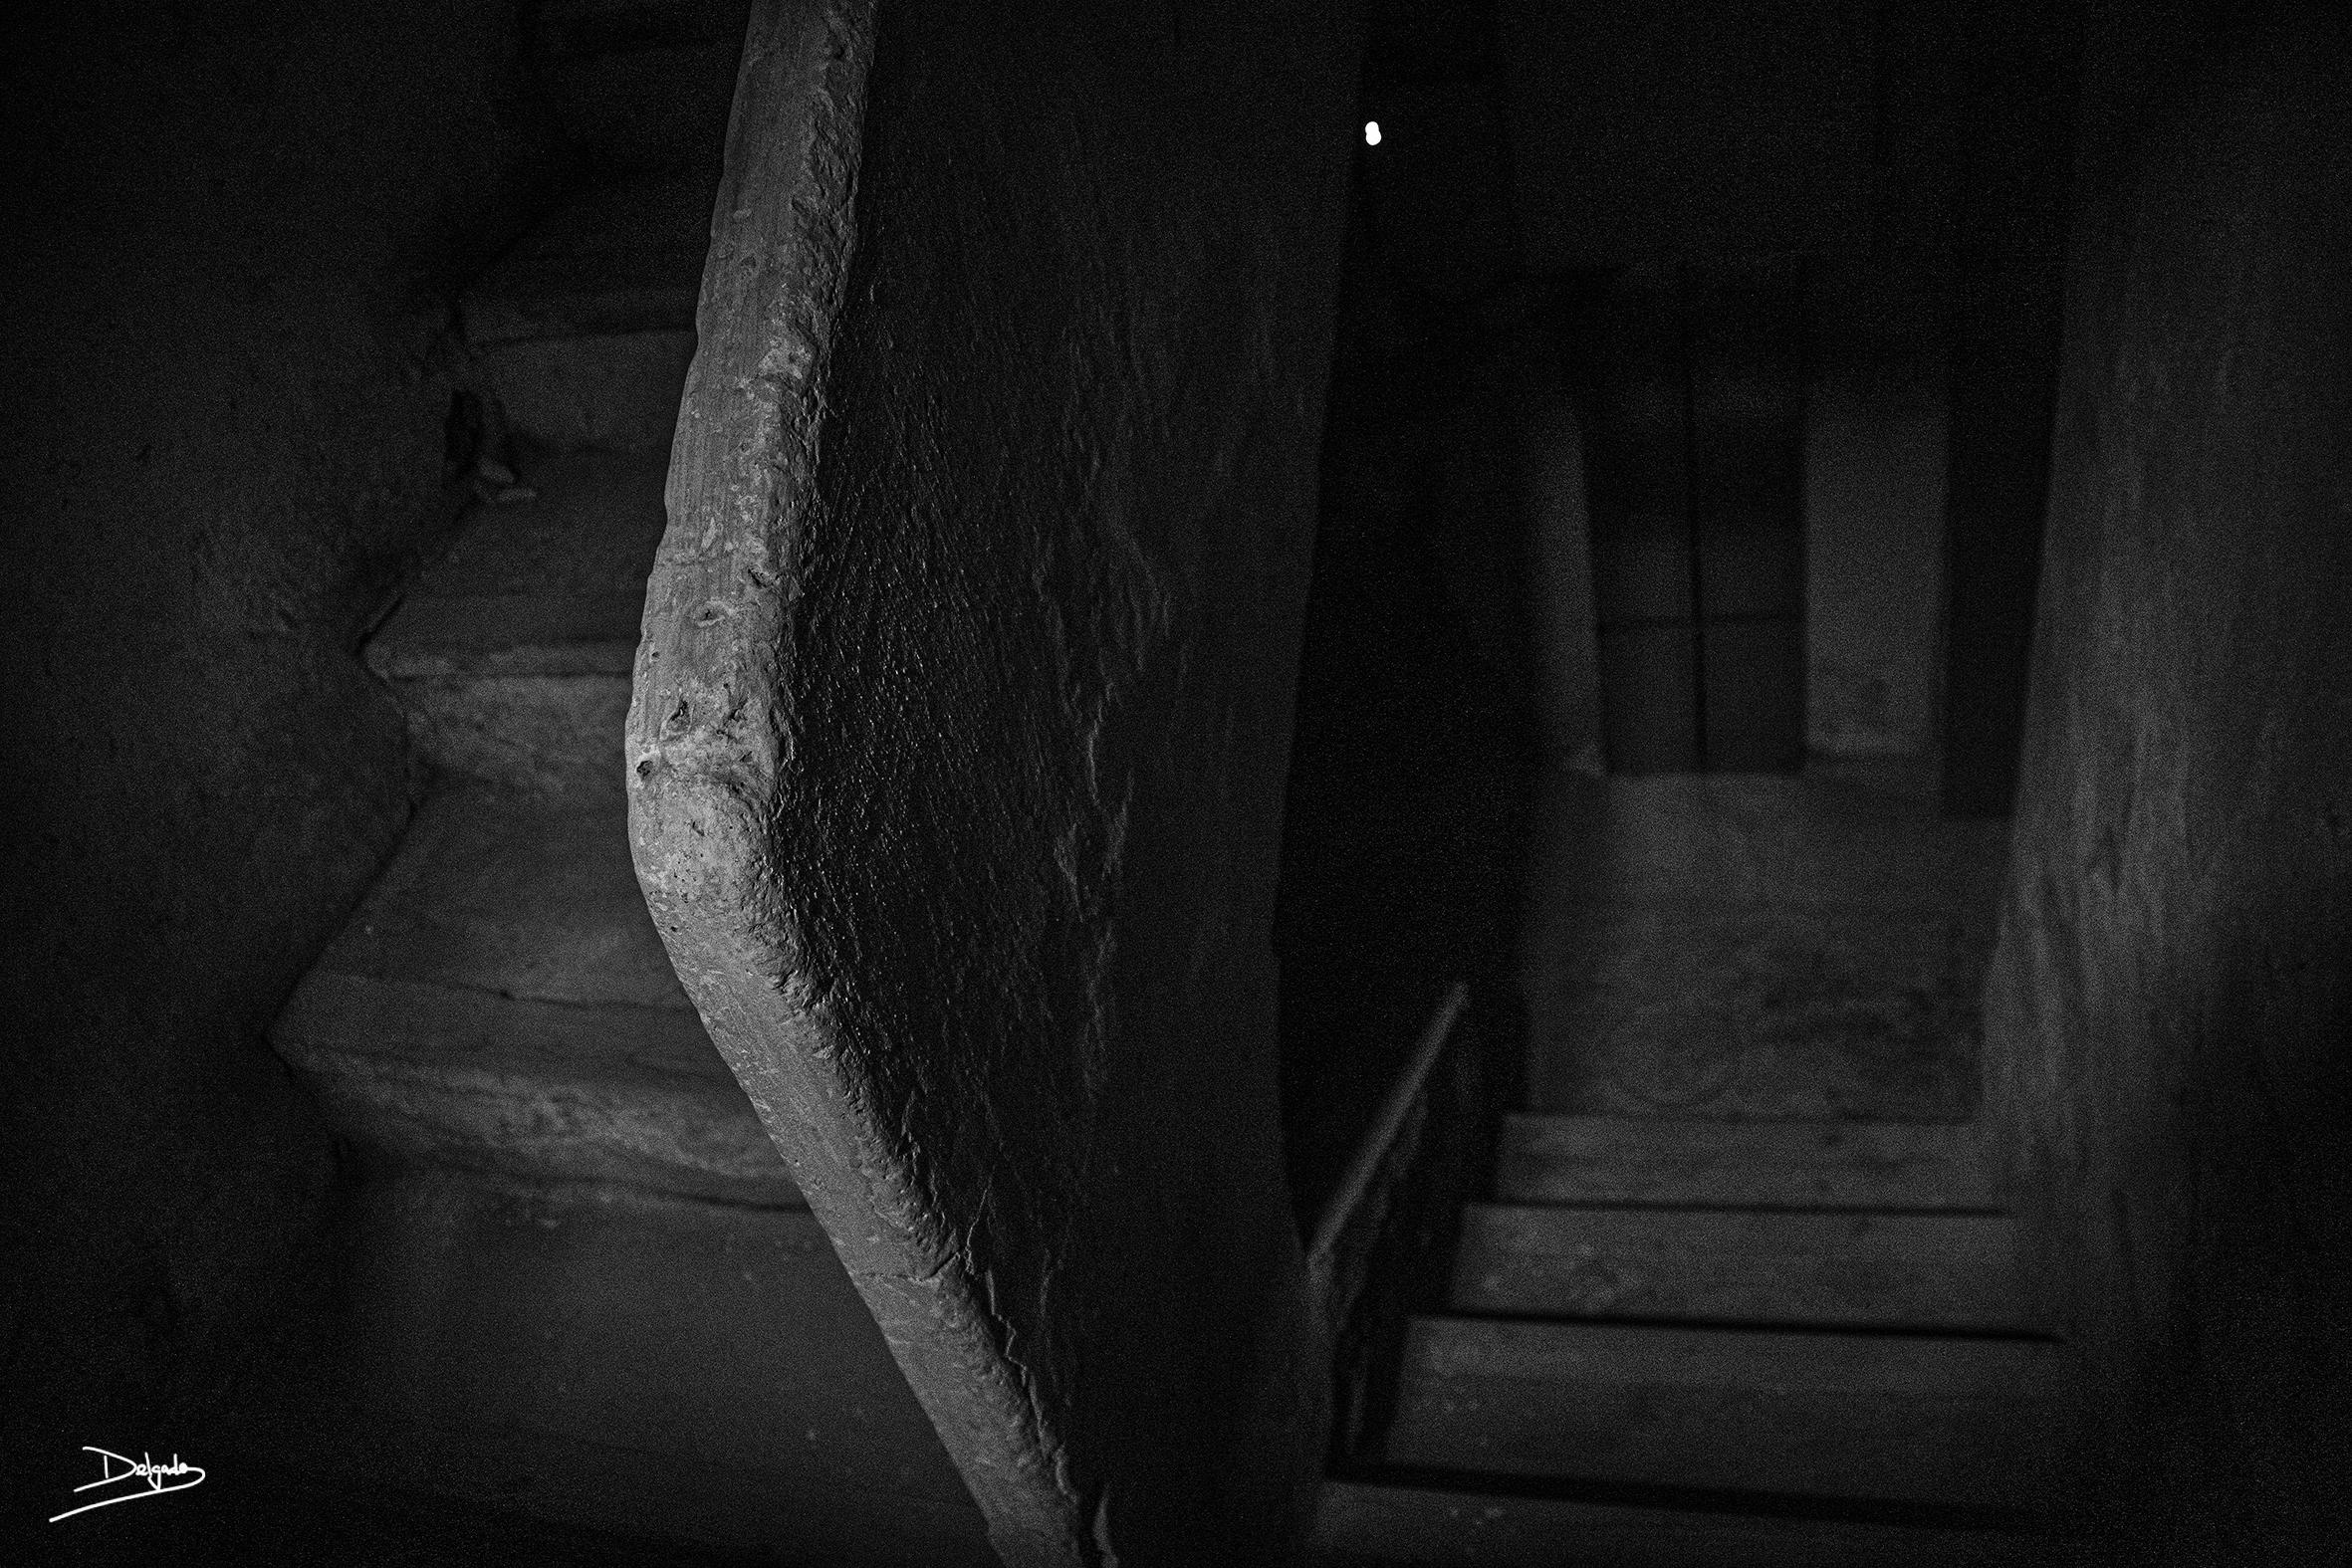 Foto del día: ¿Subes o bajas? ¿Luz o sombras?